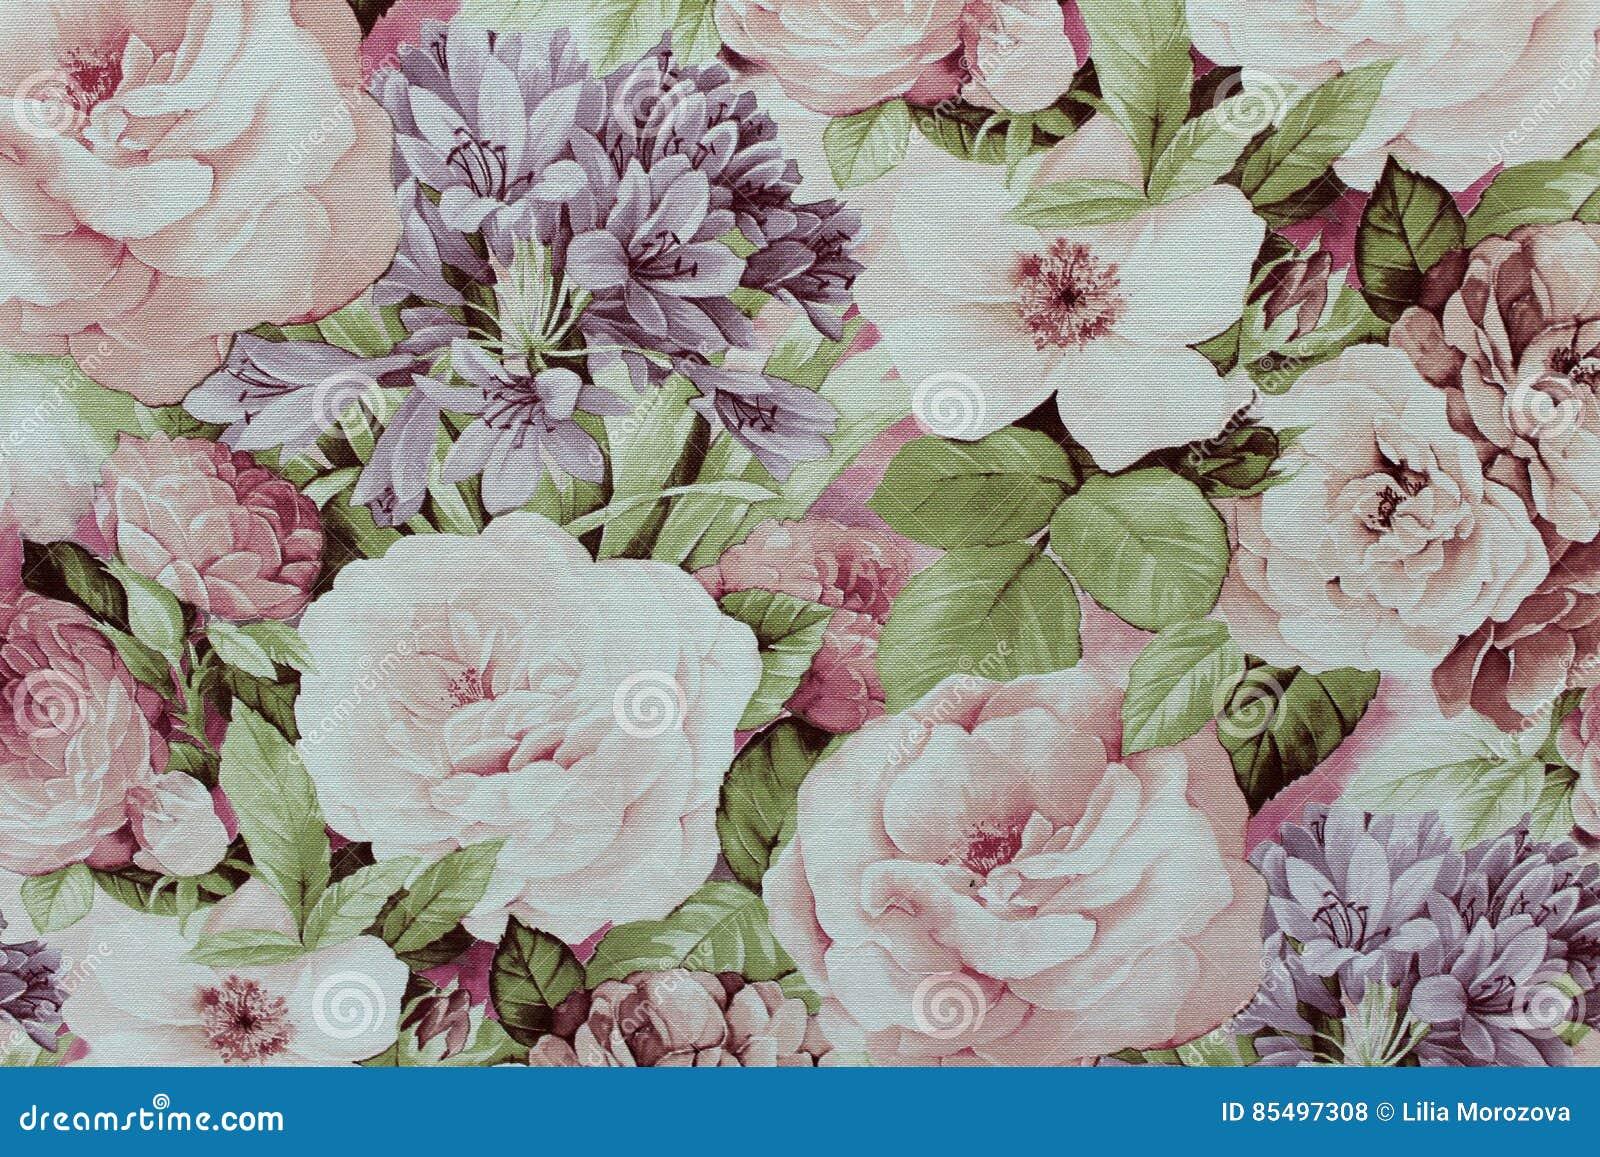 Papier Peint Floral De Fond Sur Le Mur Photo Stock Image Du Papier